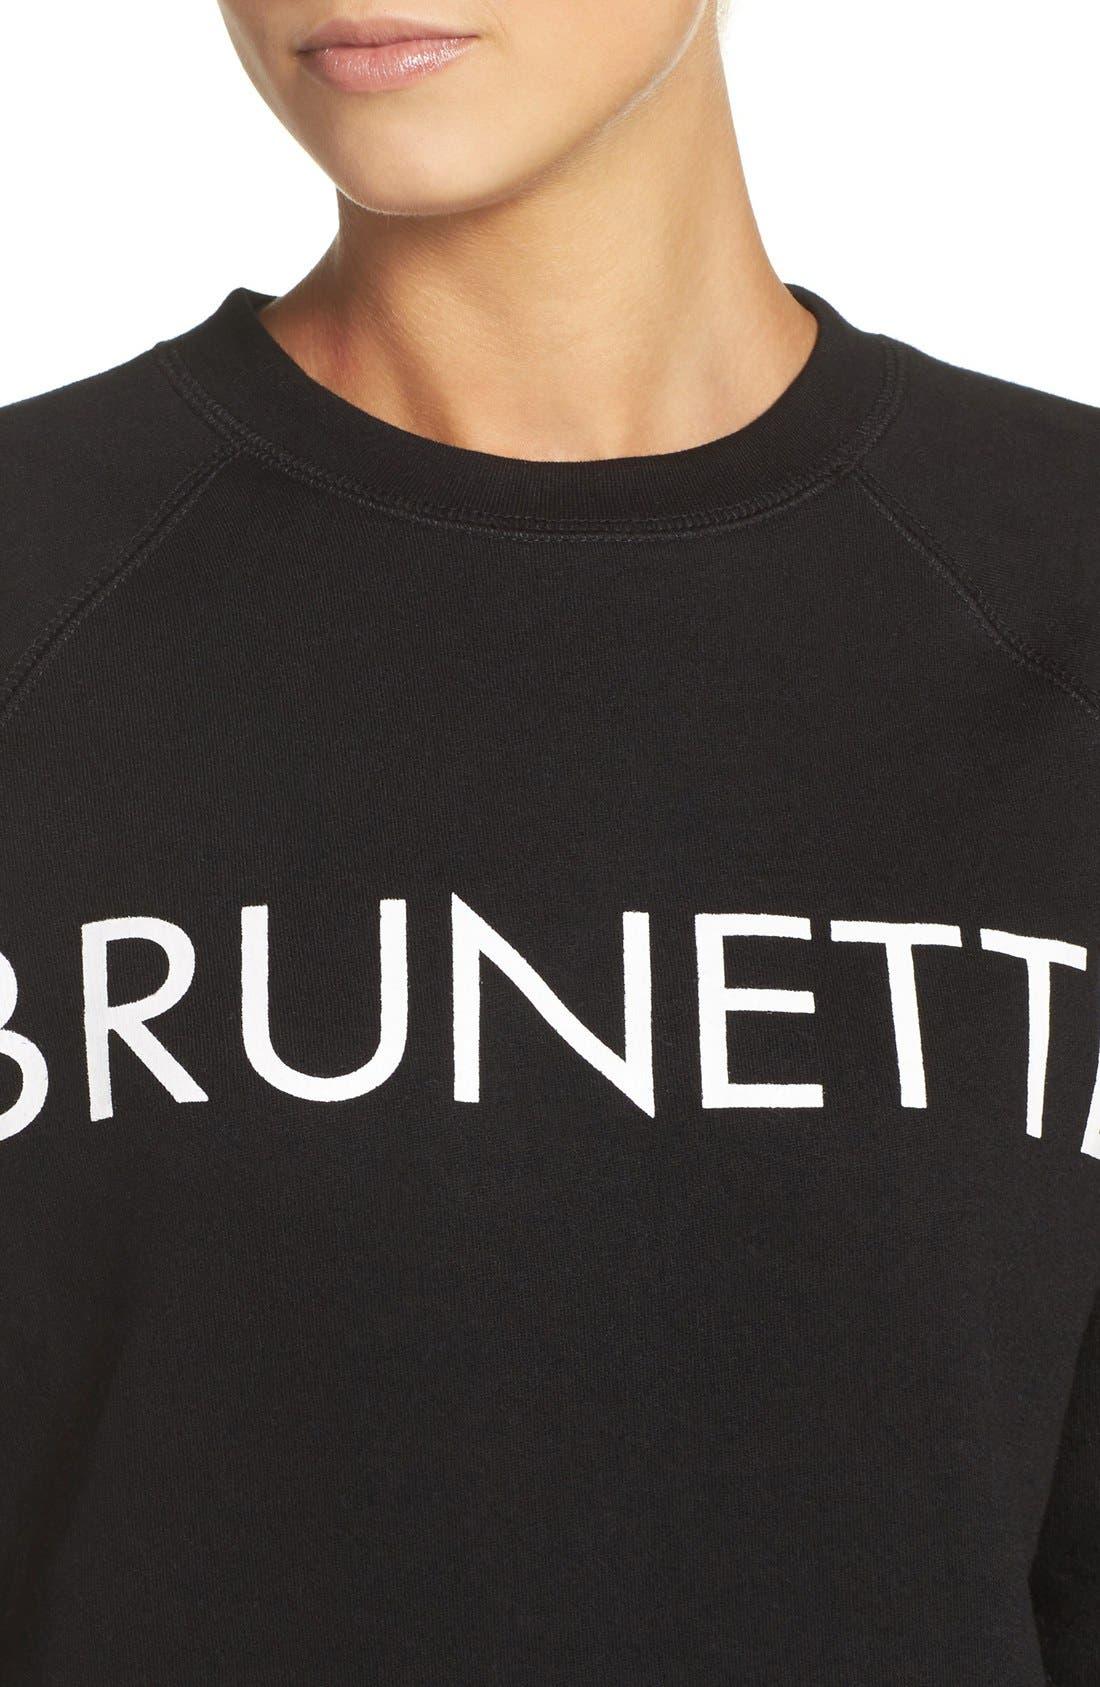 Brunette Crewneck Sweatshirt,                             Alternate thumbnail 9, color,                             001